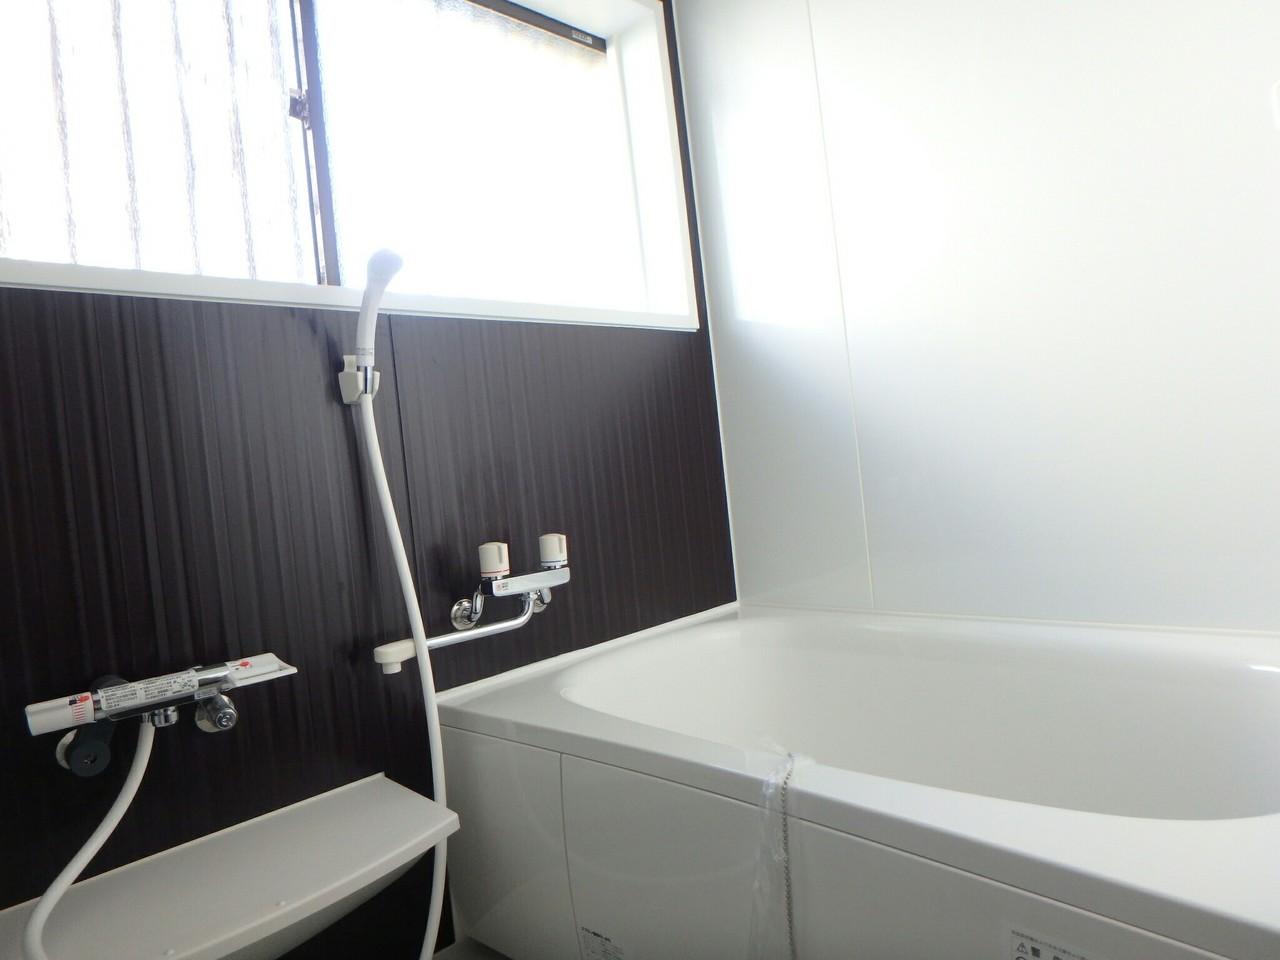 リフォームし、新しい浴室になっています。 足を伸ばして入ると気持ちがいいですよ。